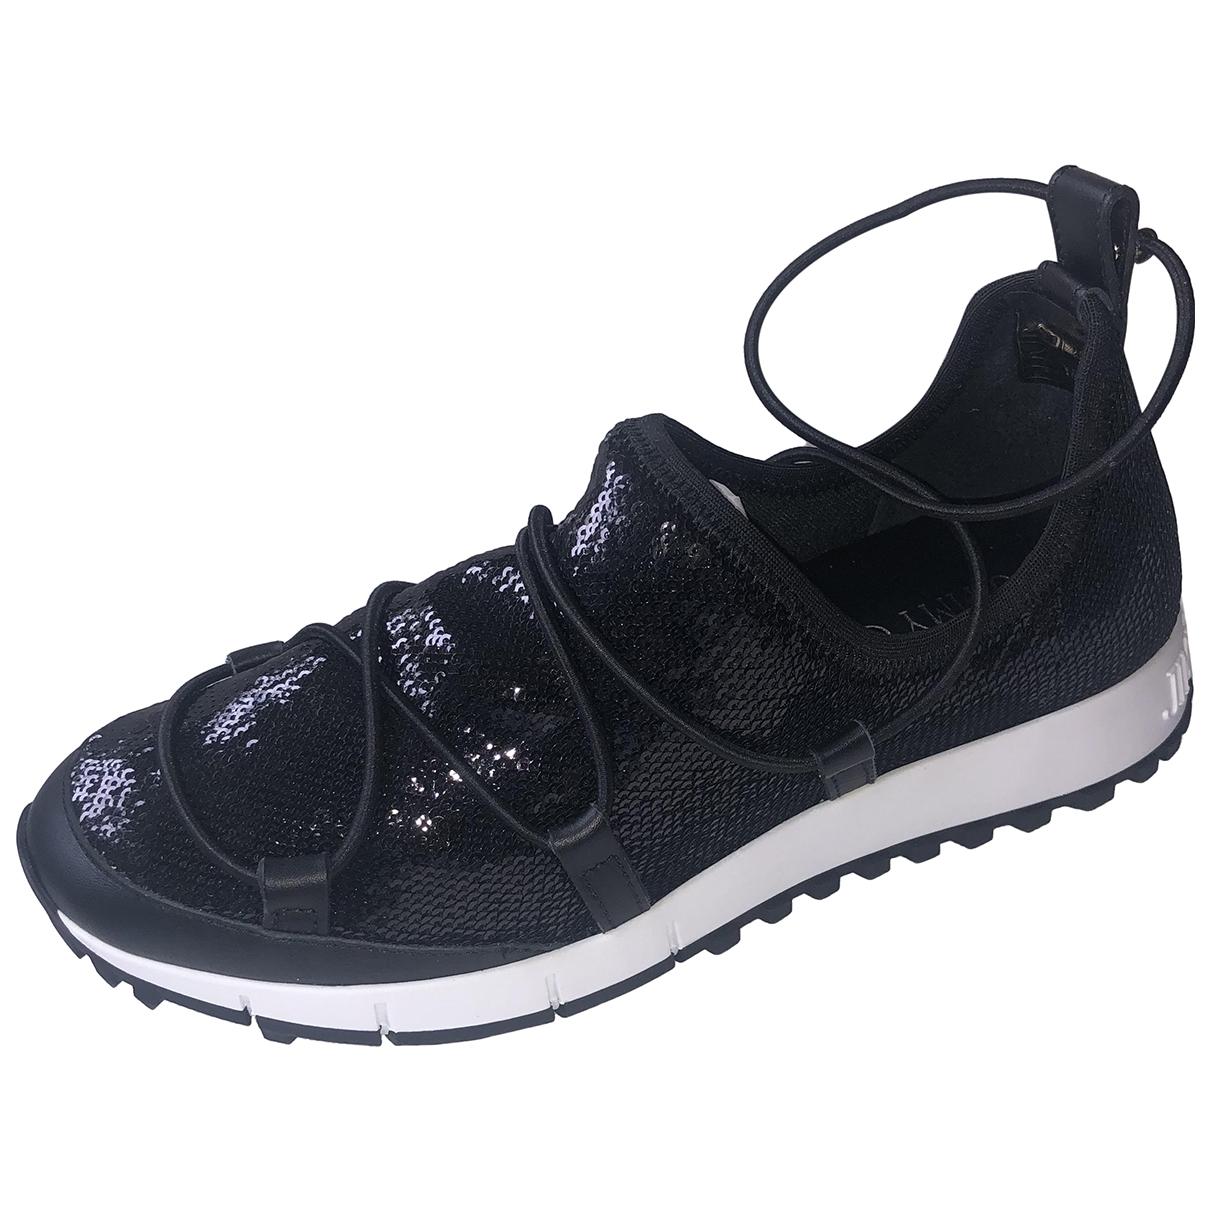 Jimmy Choo - Baskets   pour femme en a paillettes - noir